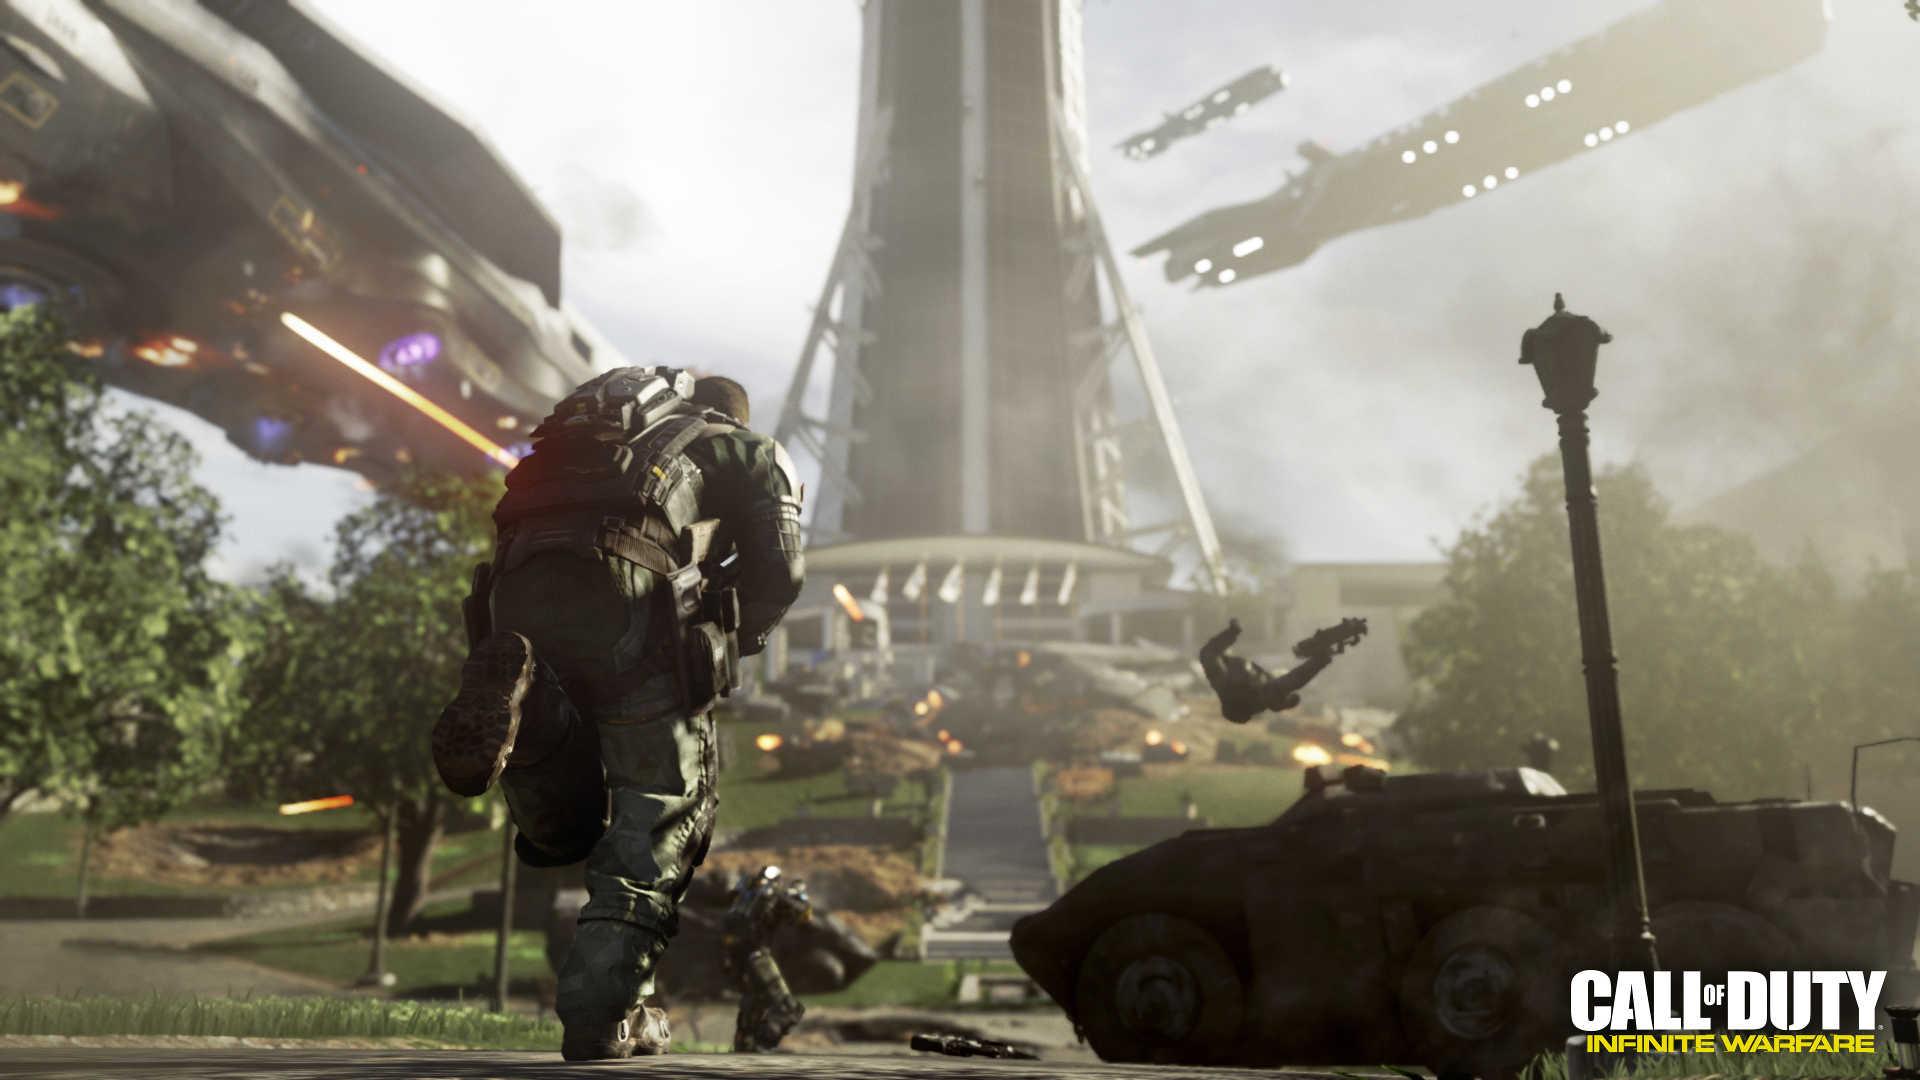 Activision commenta i risultati negativi del trailer di Infinite Warfare